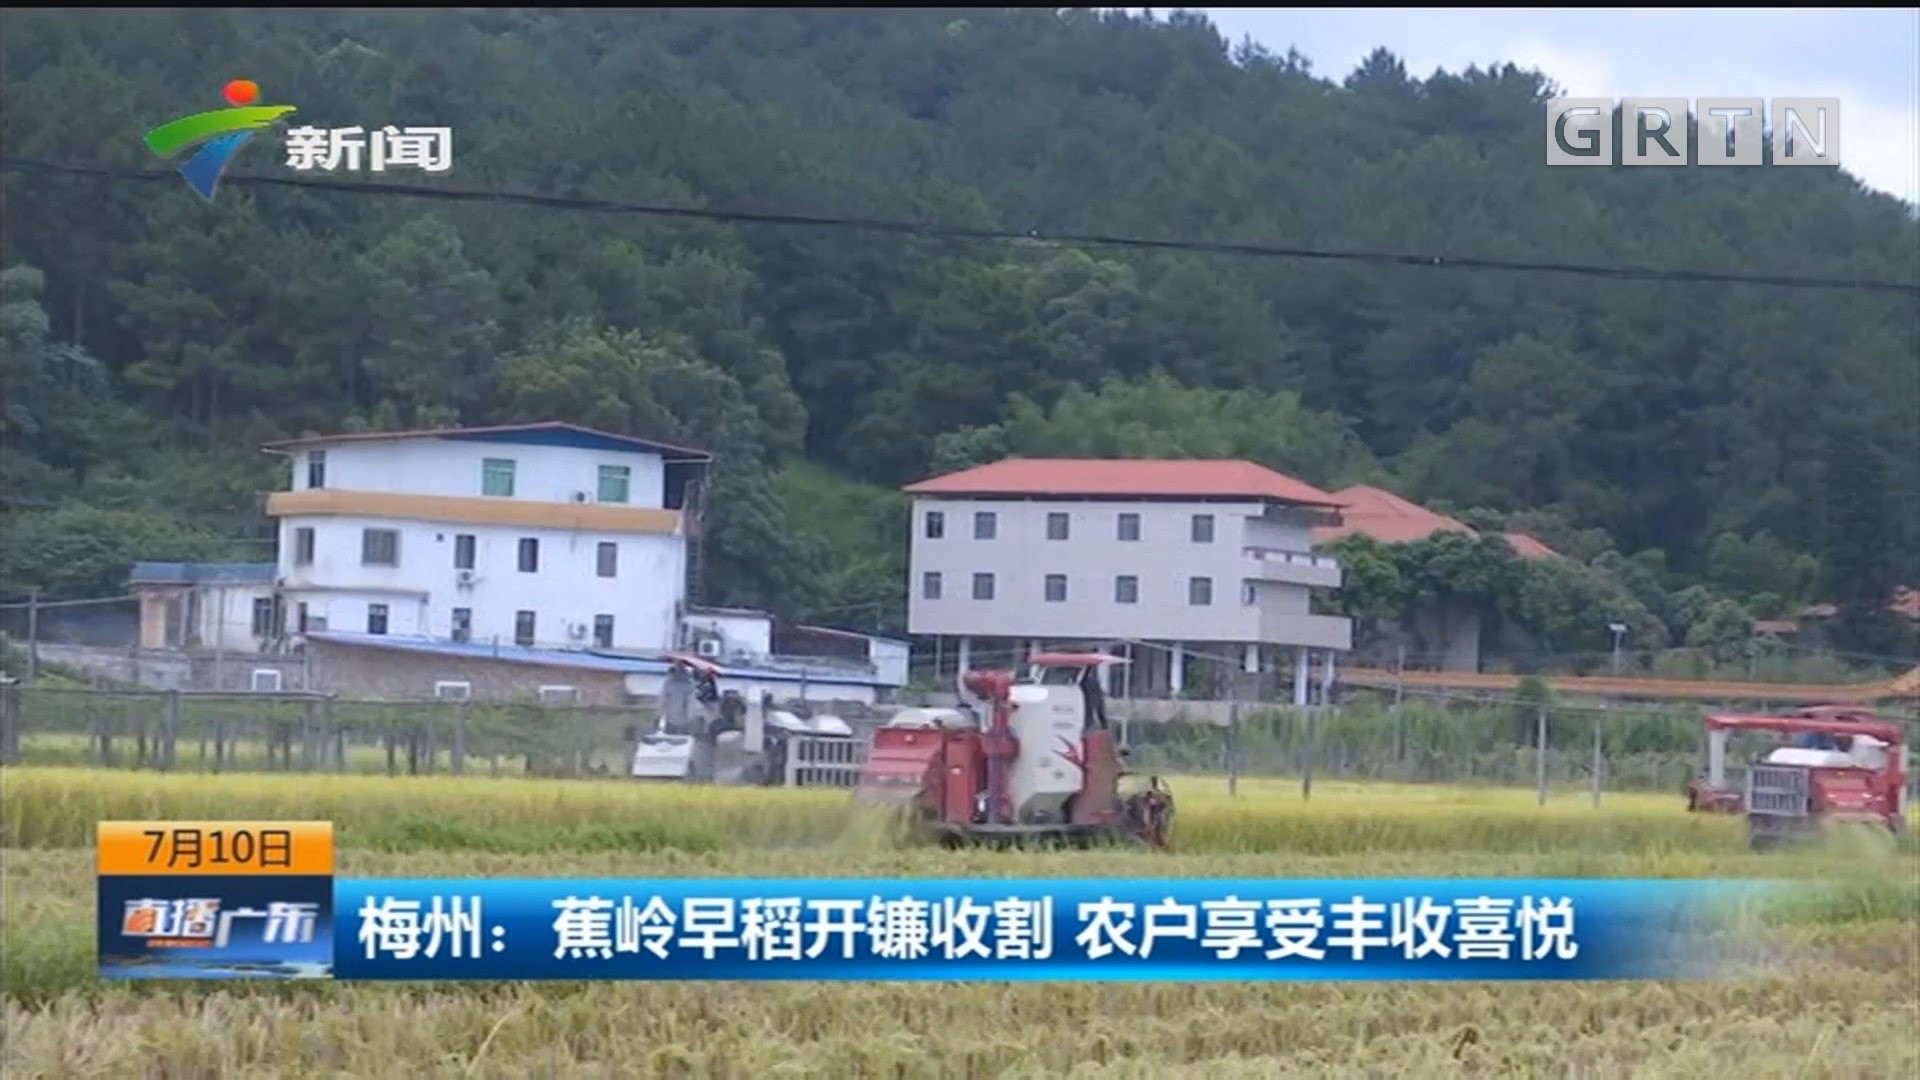 梅州:蕉岭早稻开镰收割 农户享受丰收喜悦